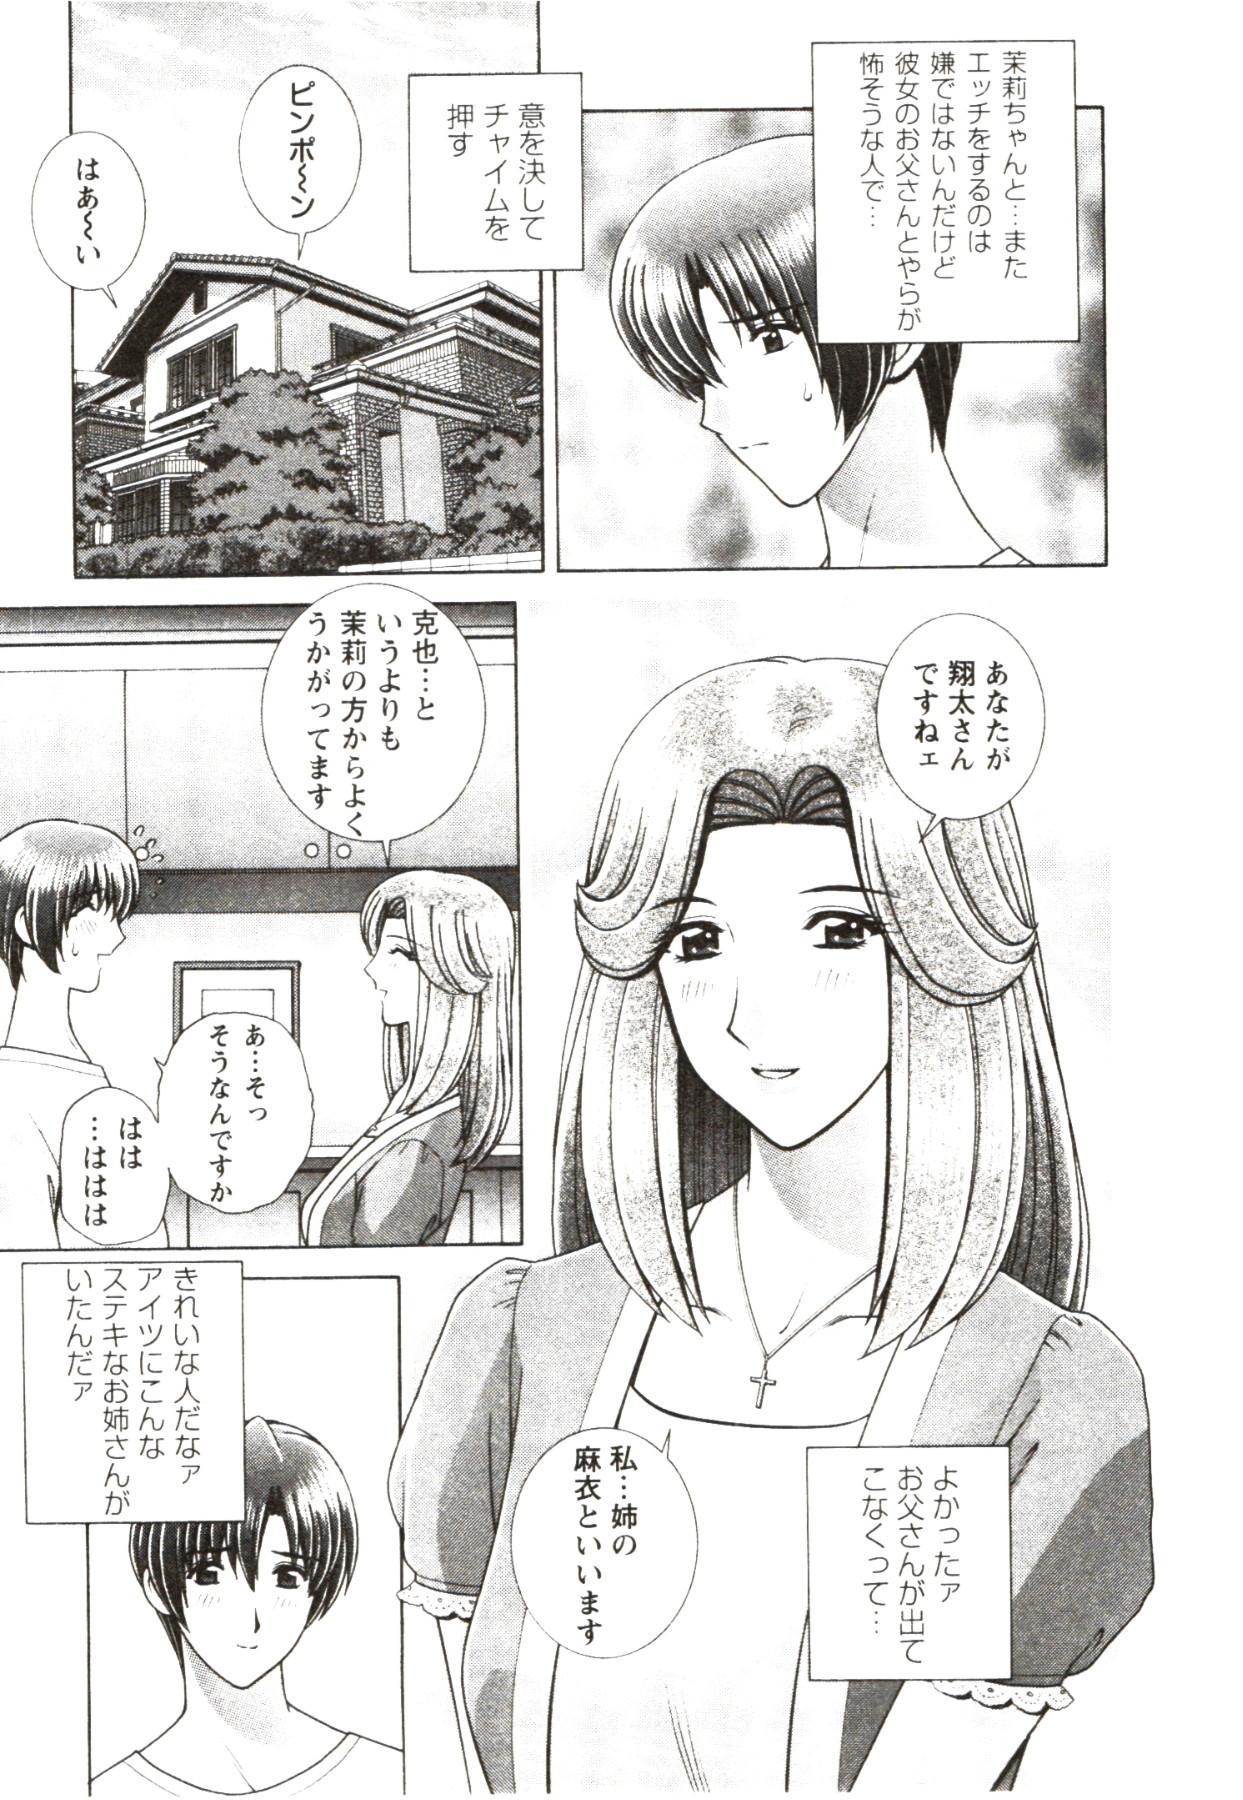 Futarigurashi 116